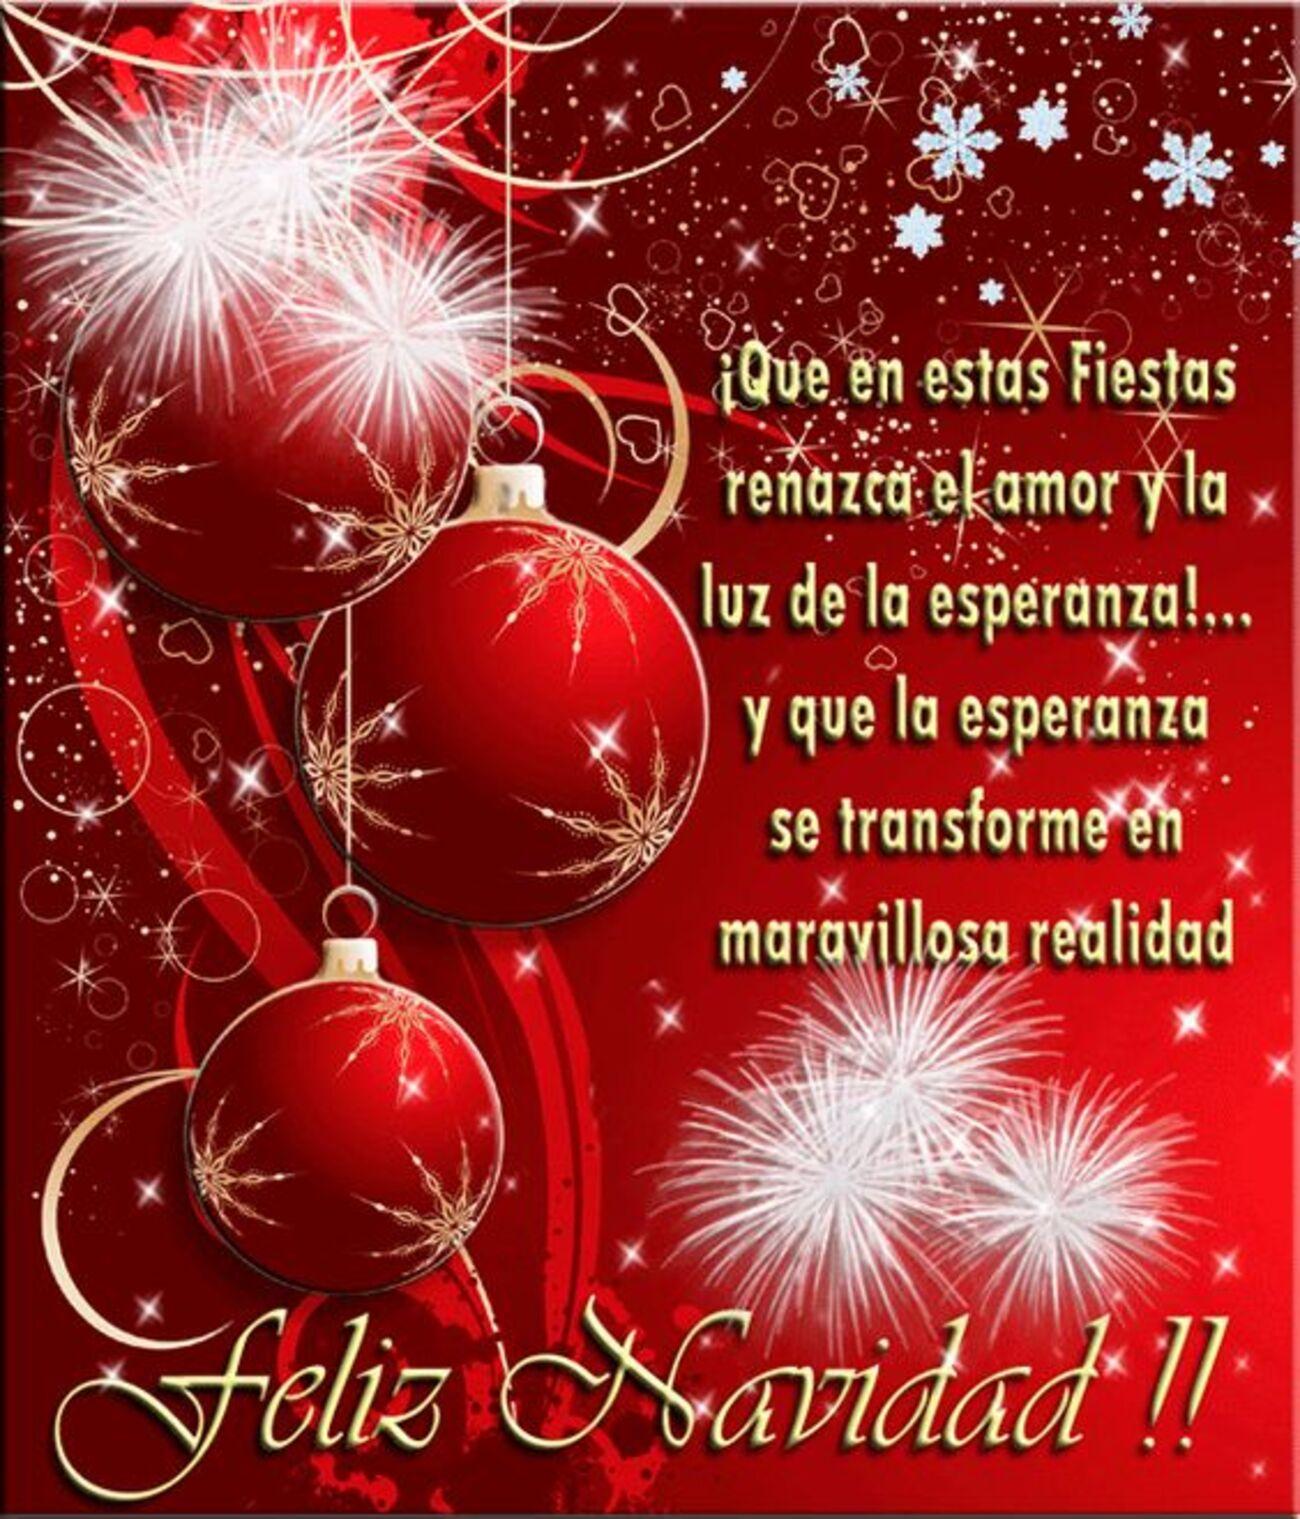 Que en esta fiestas renazca el amor y la luz de la esperanza...Y que la esperanza se transforme en maravillosa realidad. Feliz Navidad!